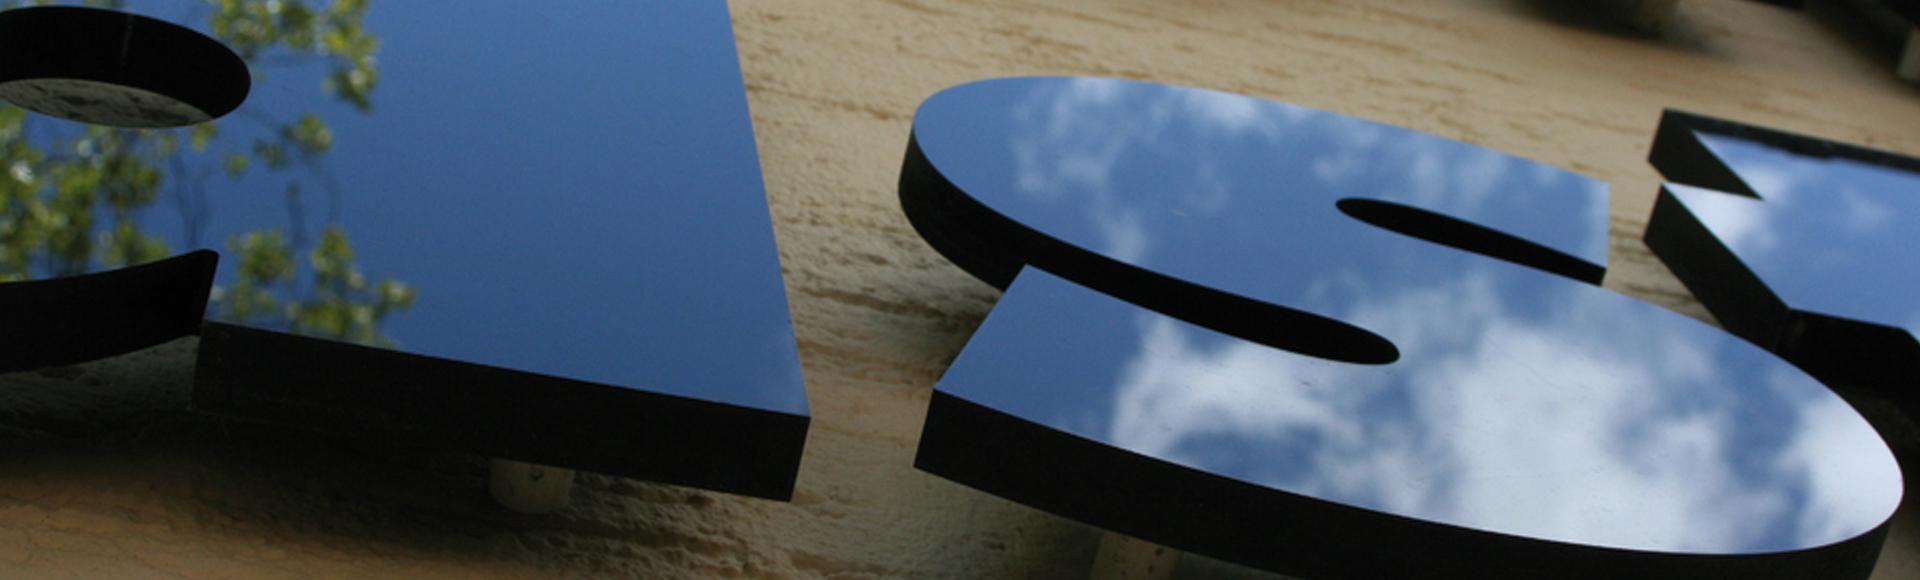 Reliefbuchstaben für Wandbeschriftungen von ADCO